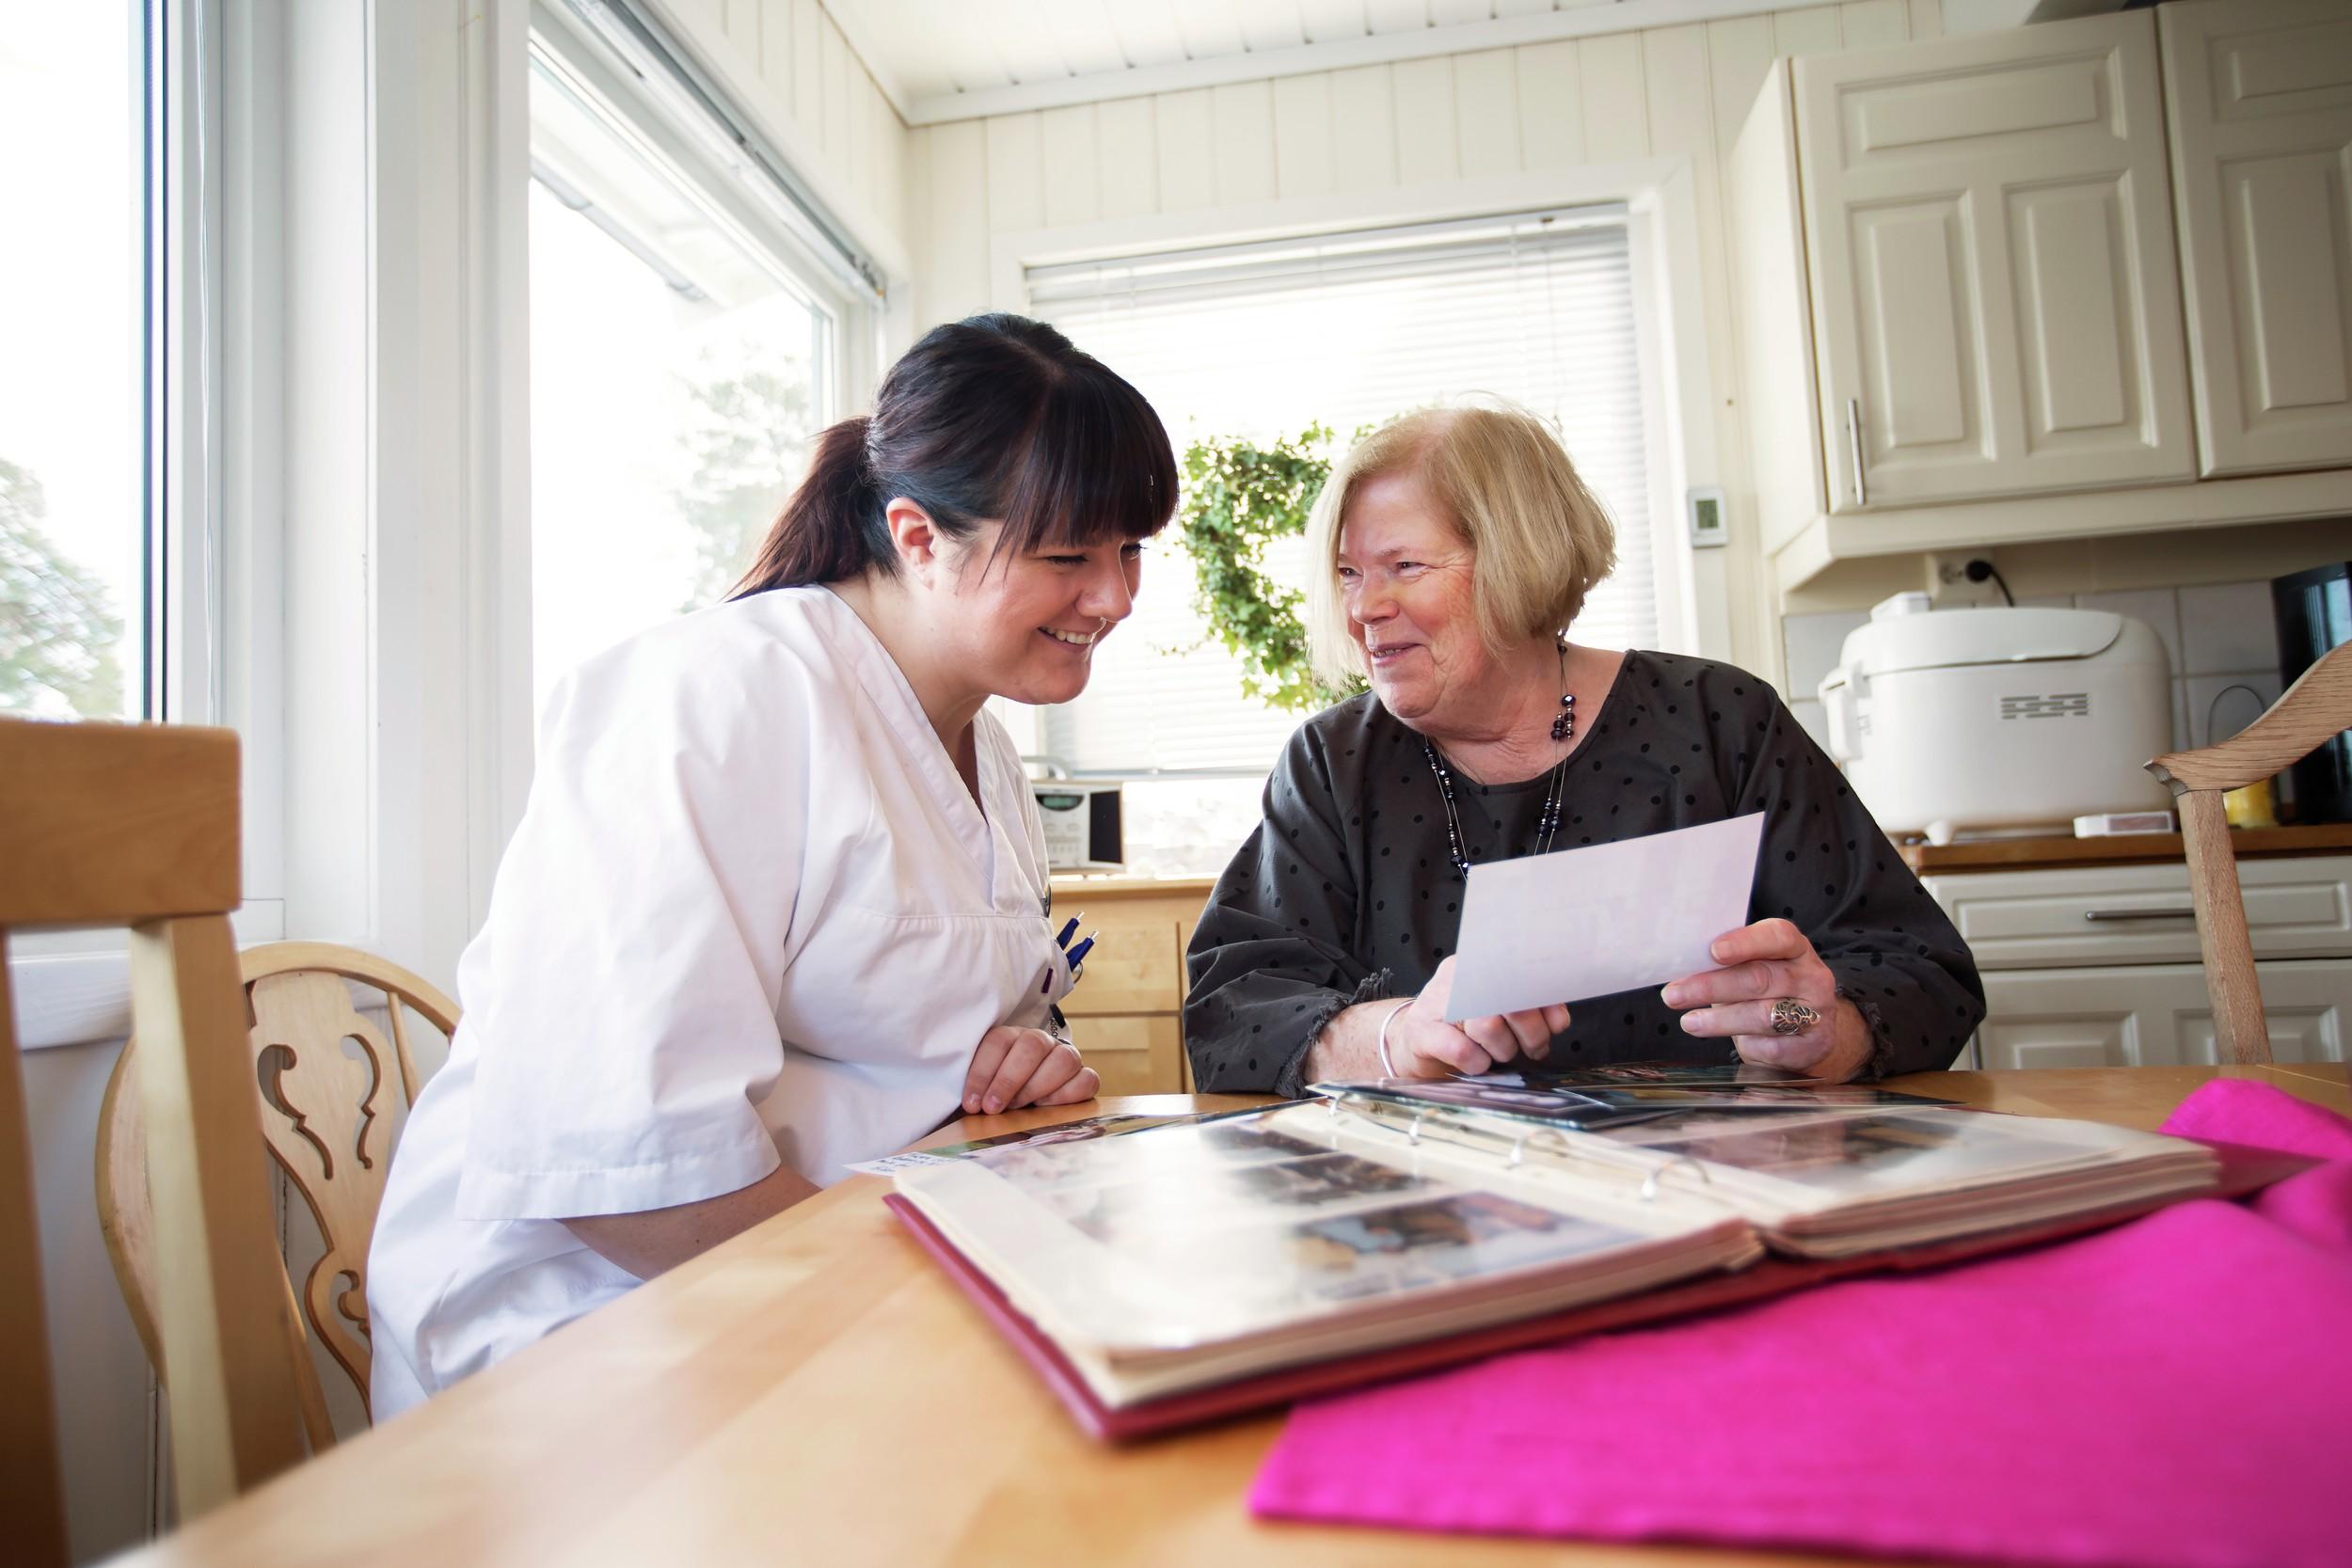 Kvinnelig helsearbeider ser på bilder sammen med hjemmeboende pasient. Foto.